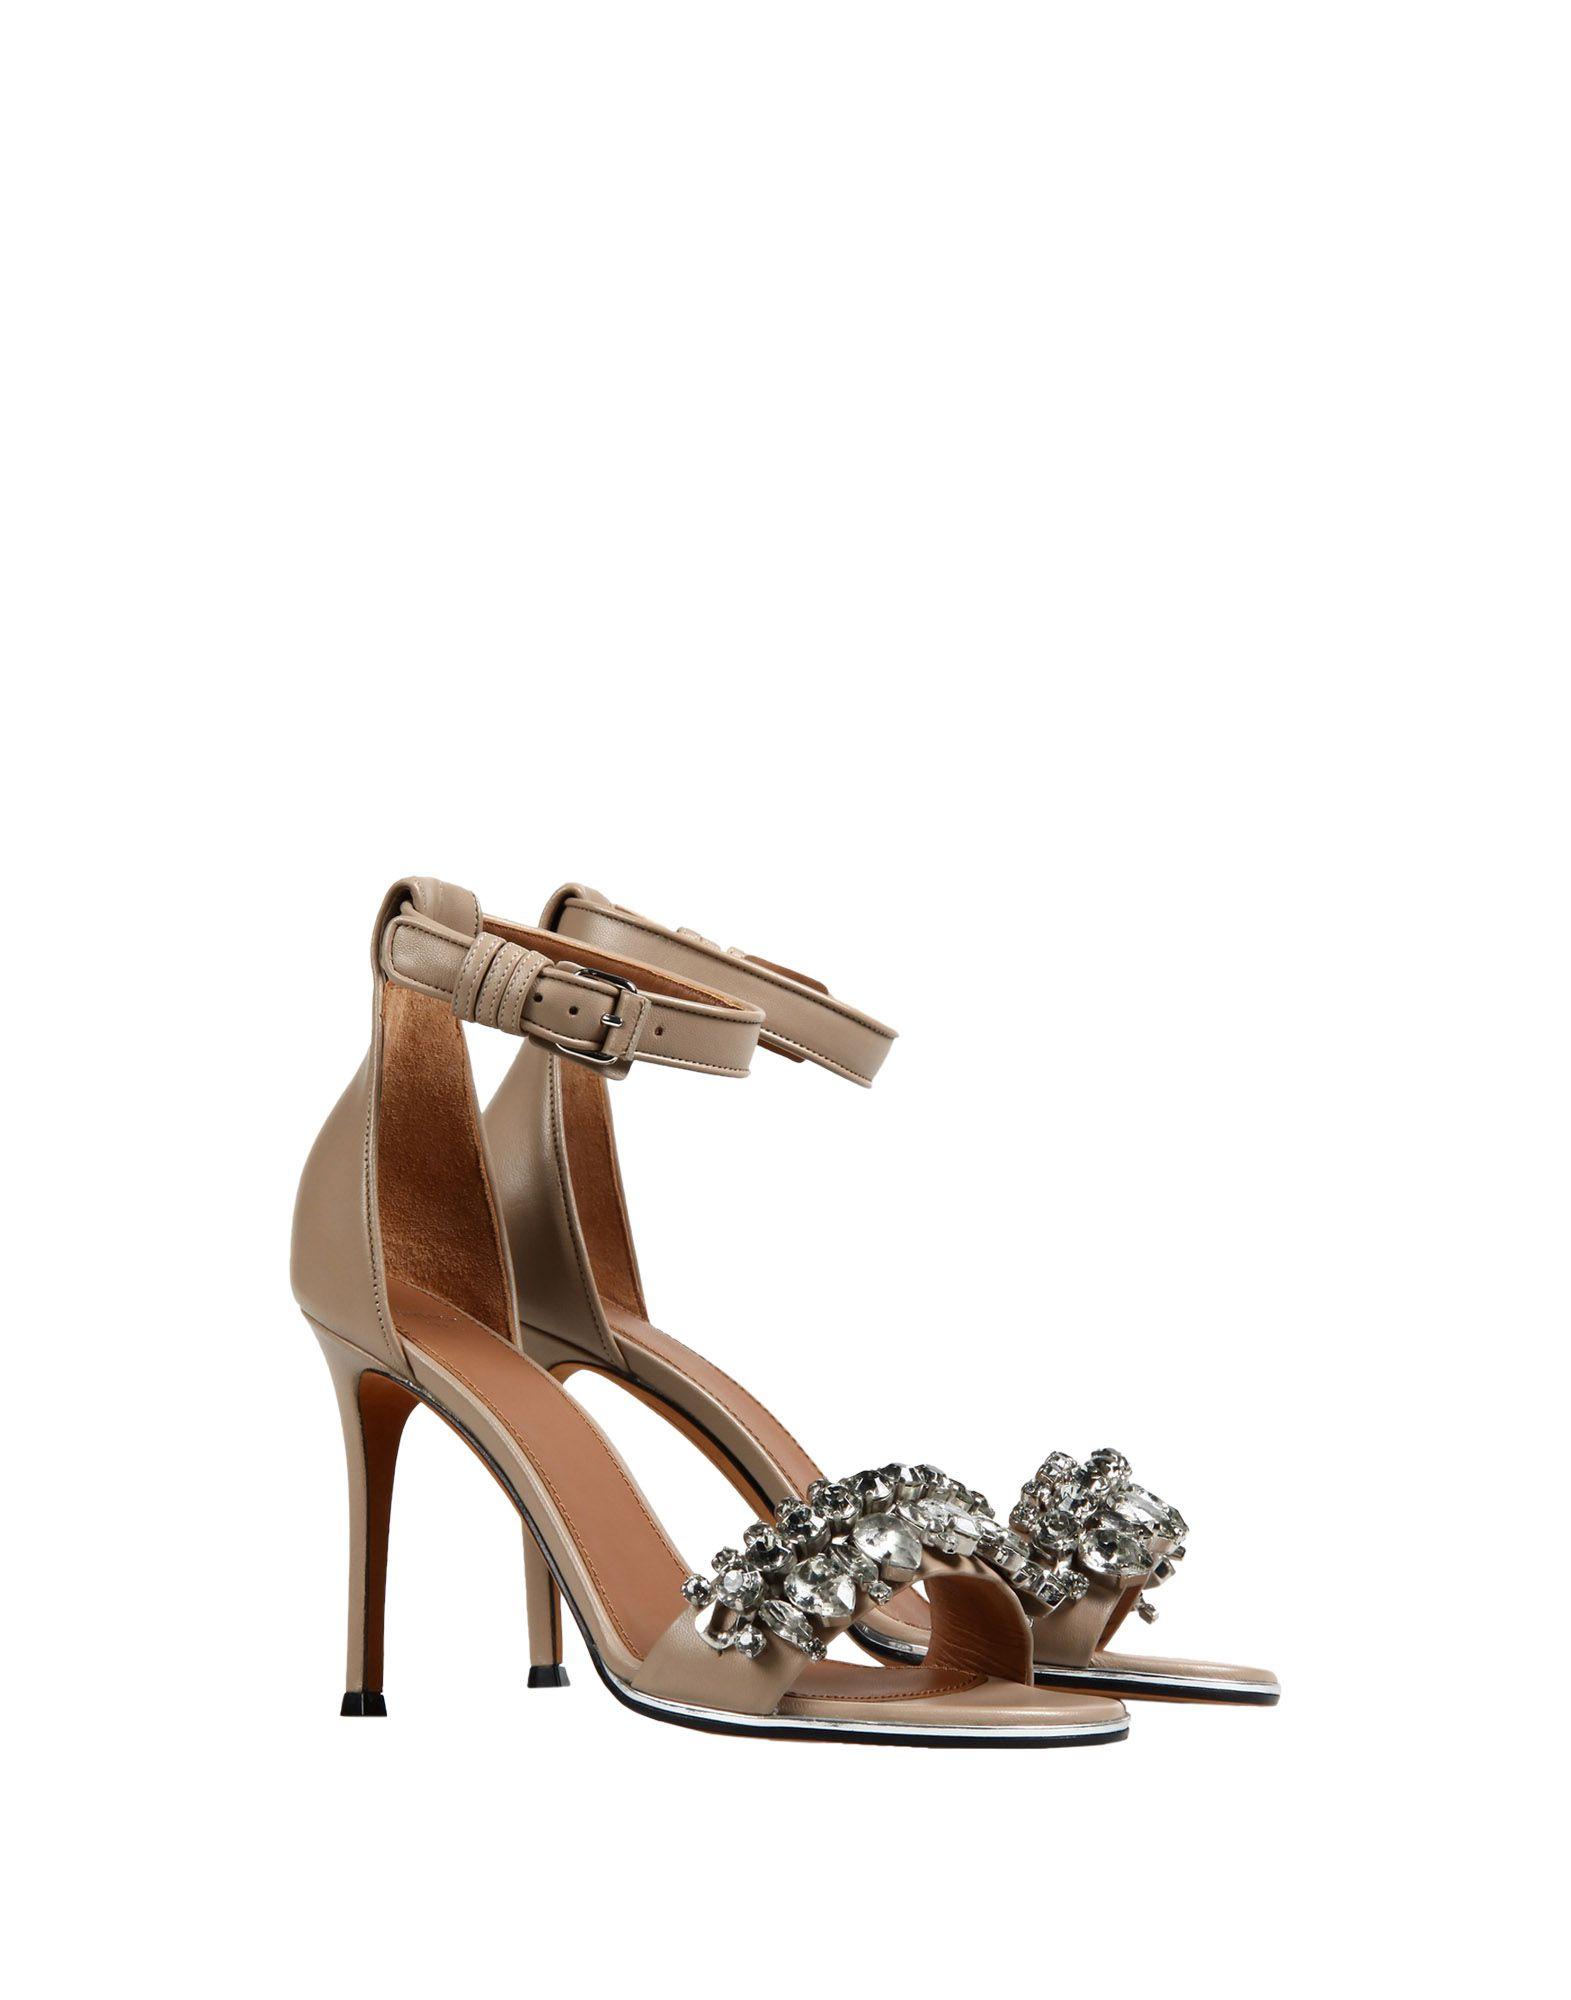 Givenchy Sandalen Damen Schuhe  11019597KMGünstige gut aussehende Schuhe Damen abb36e